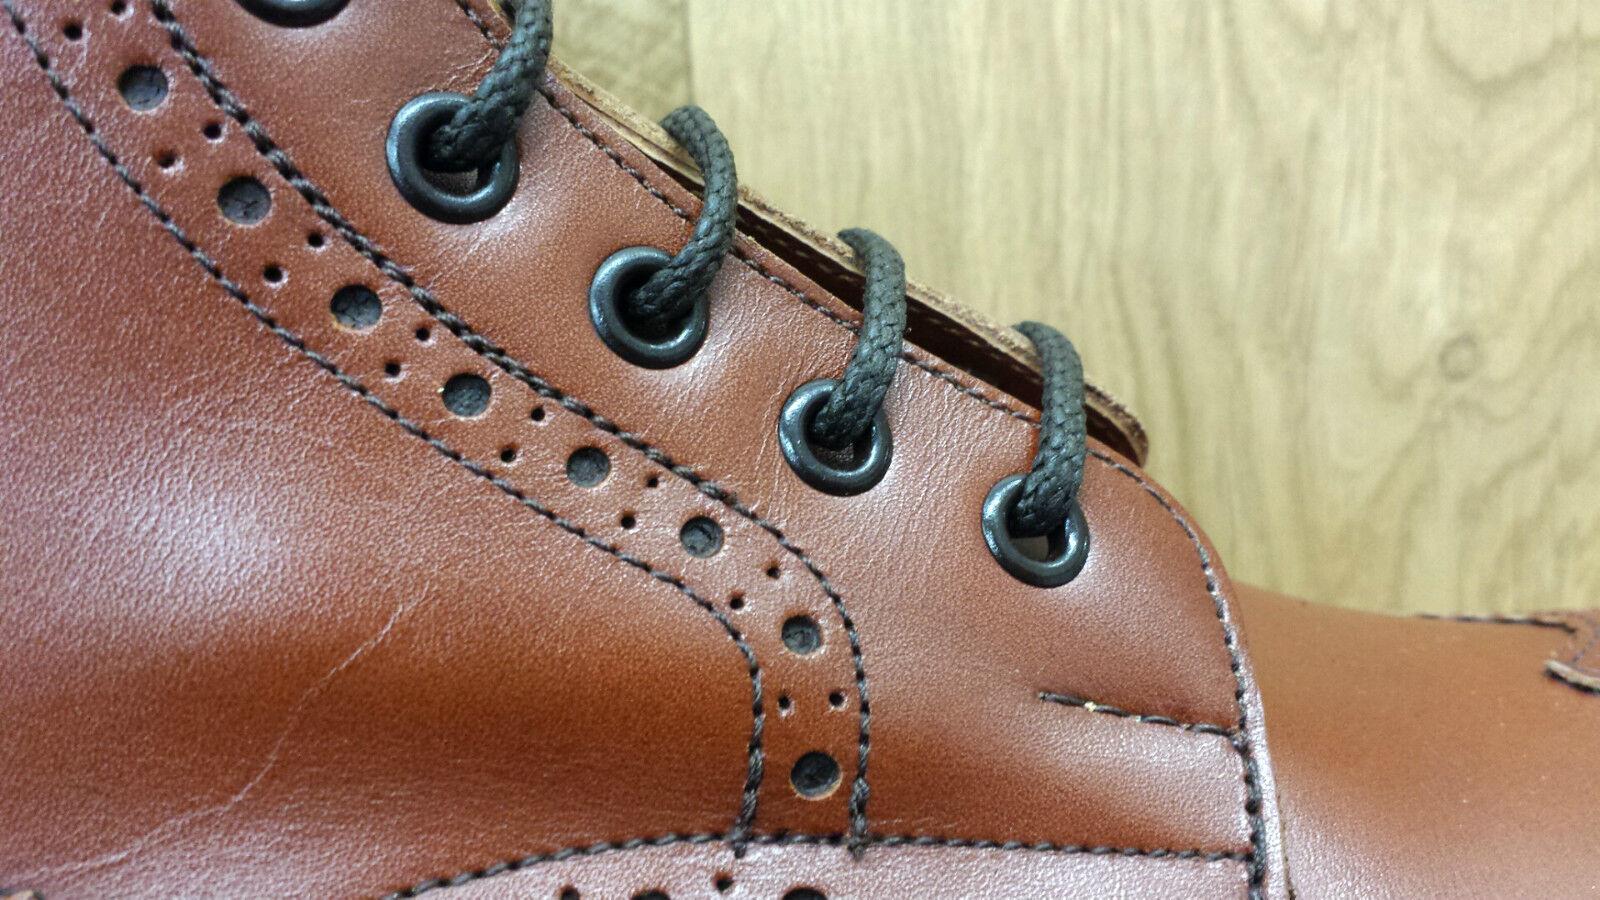 TRICKERS  Stow Stivali Stivali Stivali Stile (5634 1) Marronee antico Taglia 8 ora ridotto    | Usato in durabilità  | Uomini/Donna Scarpa  9608d3